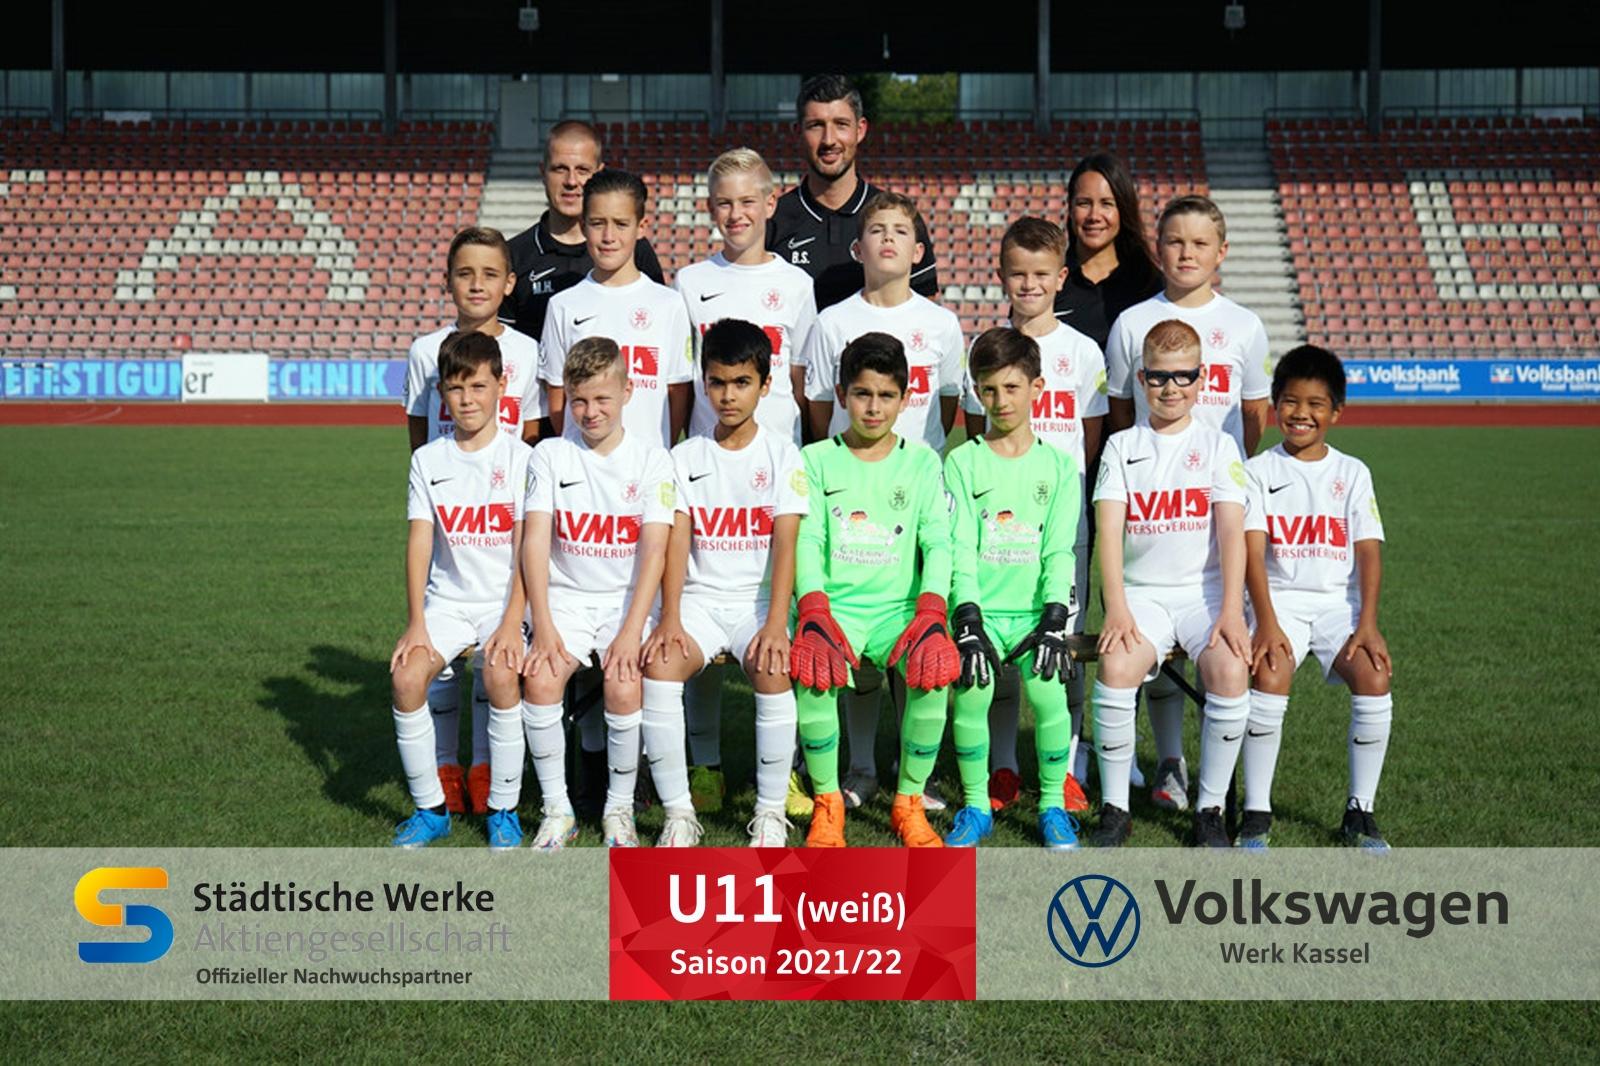 U11 weiss Mannschaft 2021_22